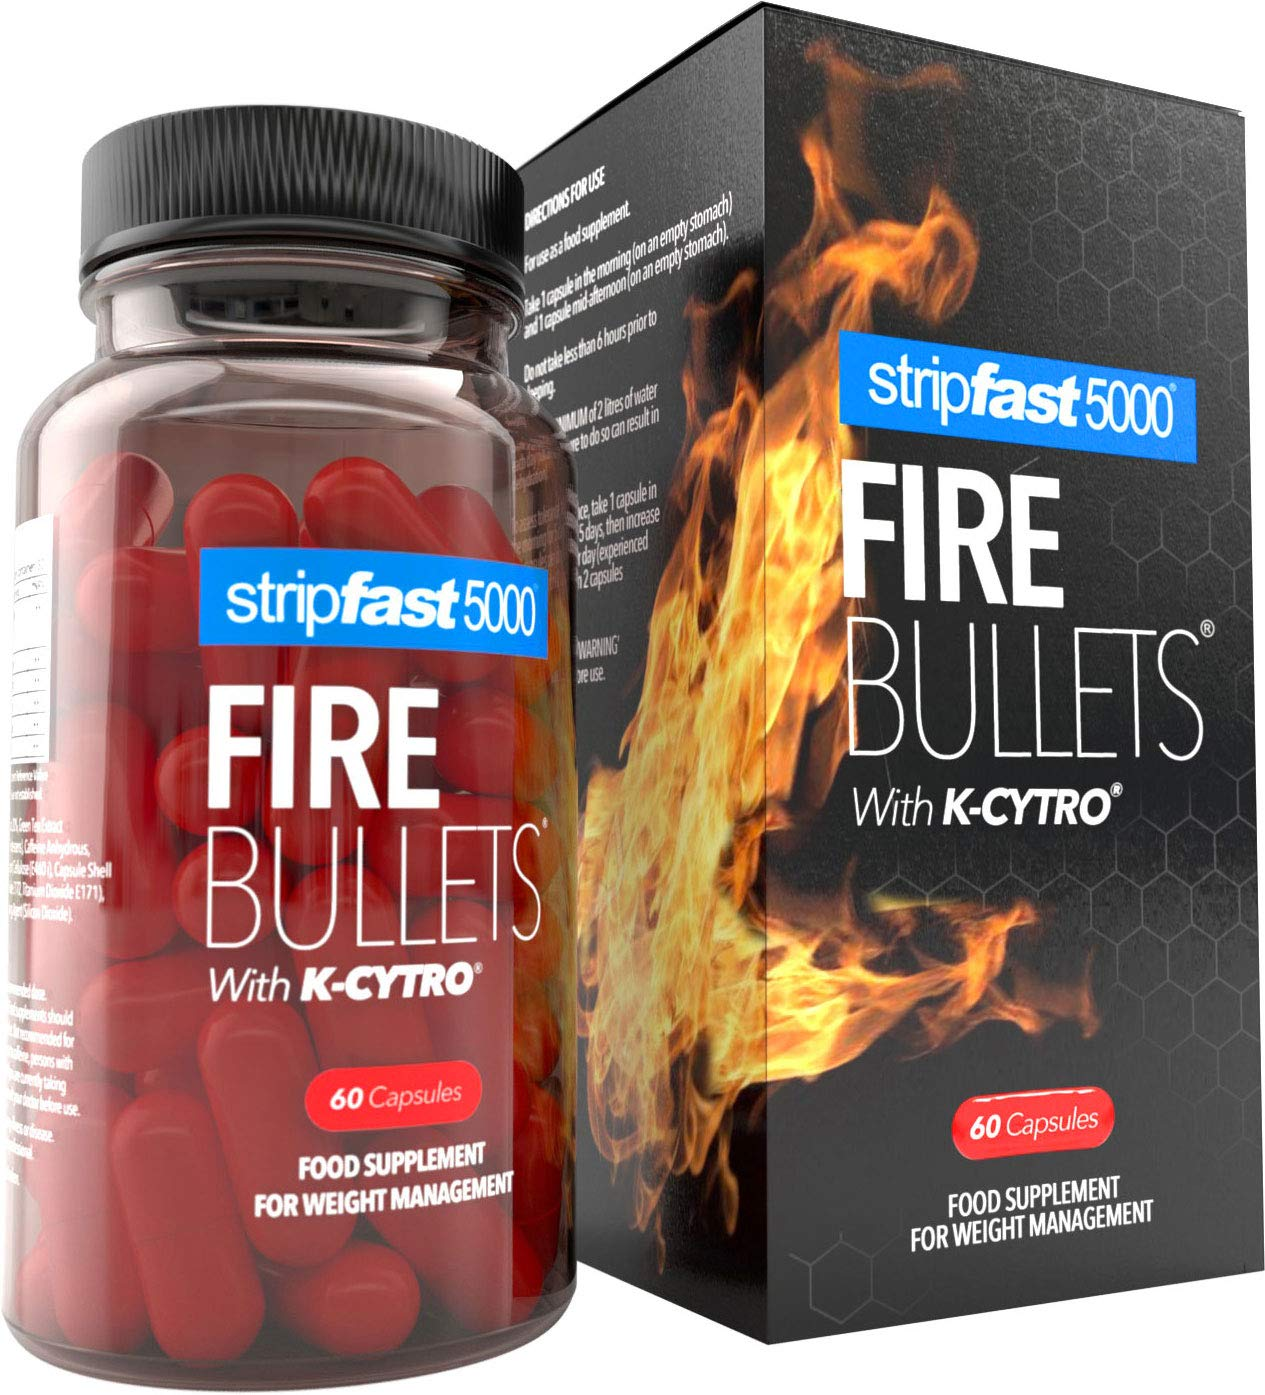 Weight Loss Fat Burner Diet Pills Fire Bullets K Cytro For Women Men Ultra Strong